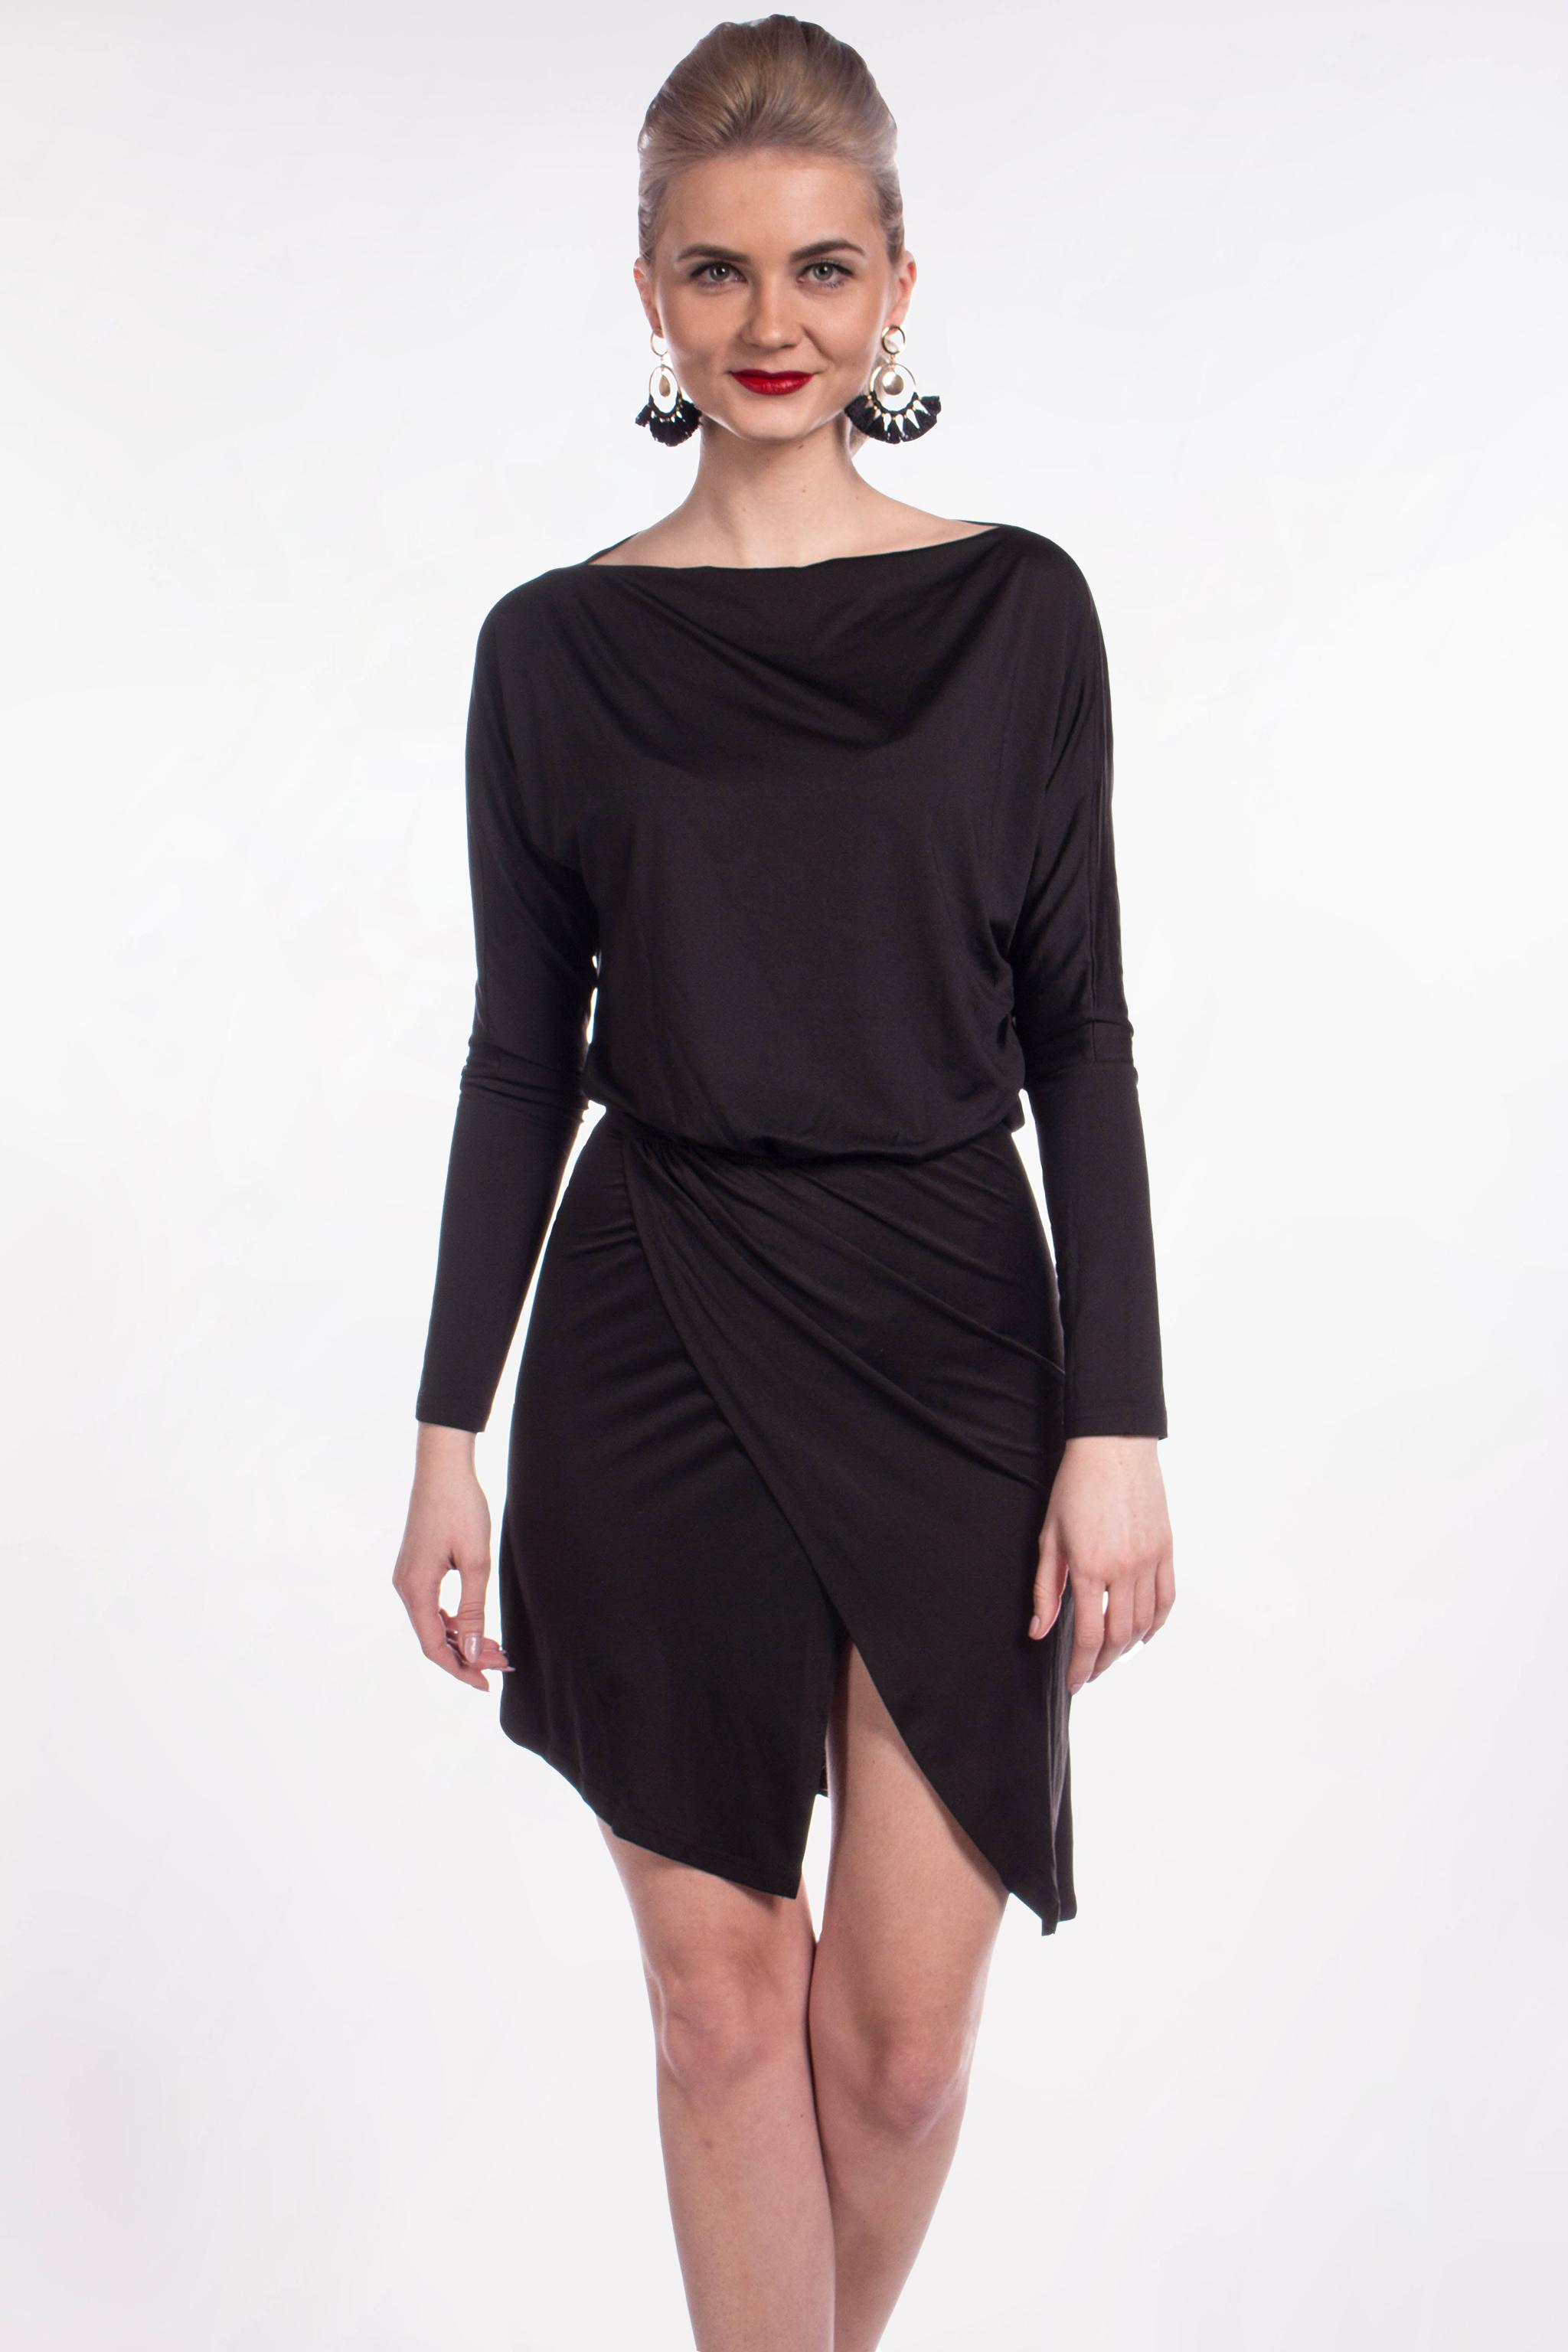 c421a269585a obrázok 1 Missguided čierne asymetrické šaty - Shaty